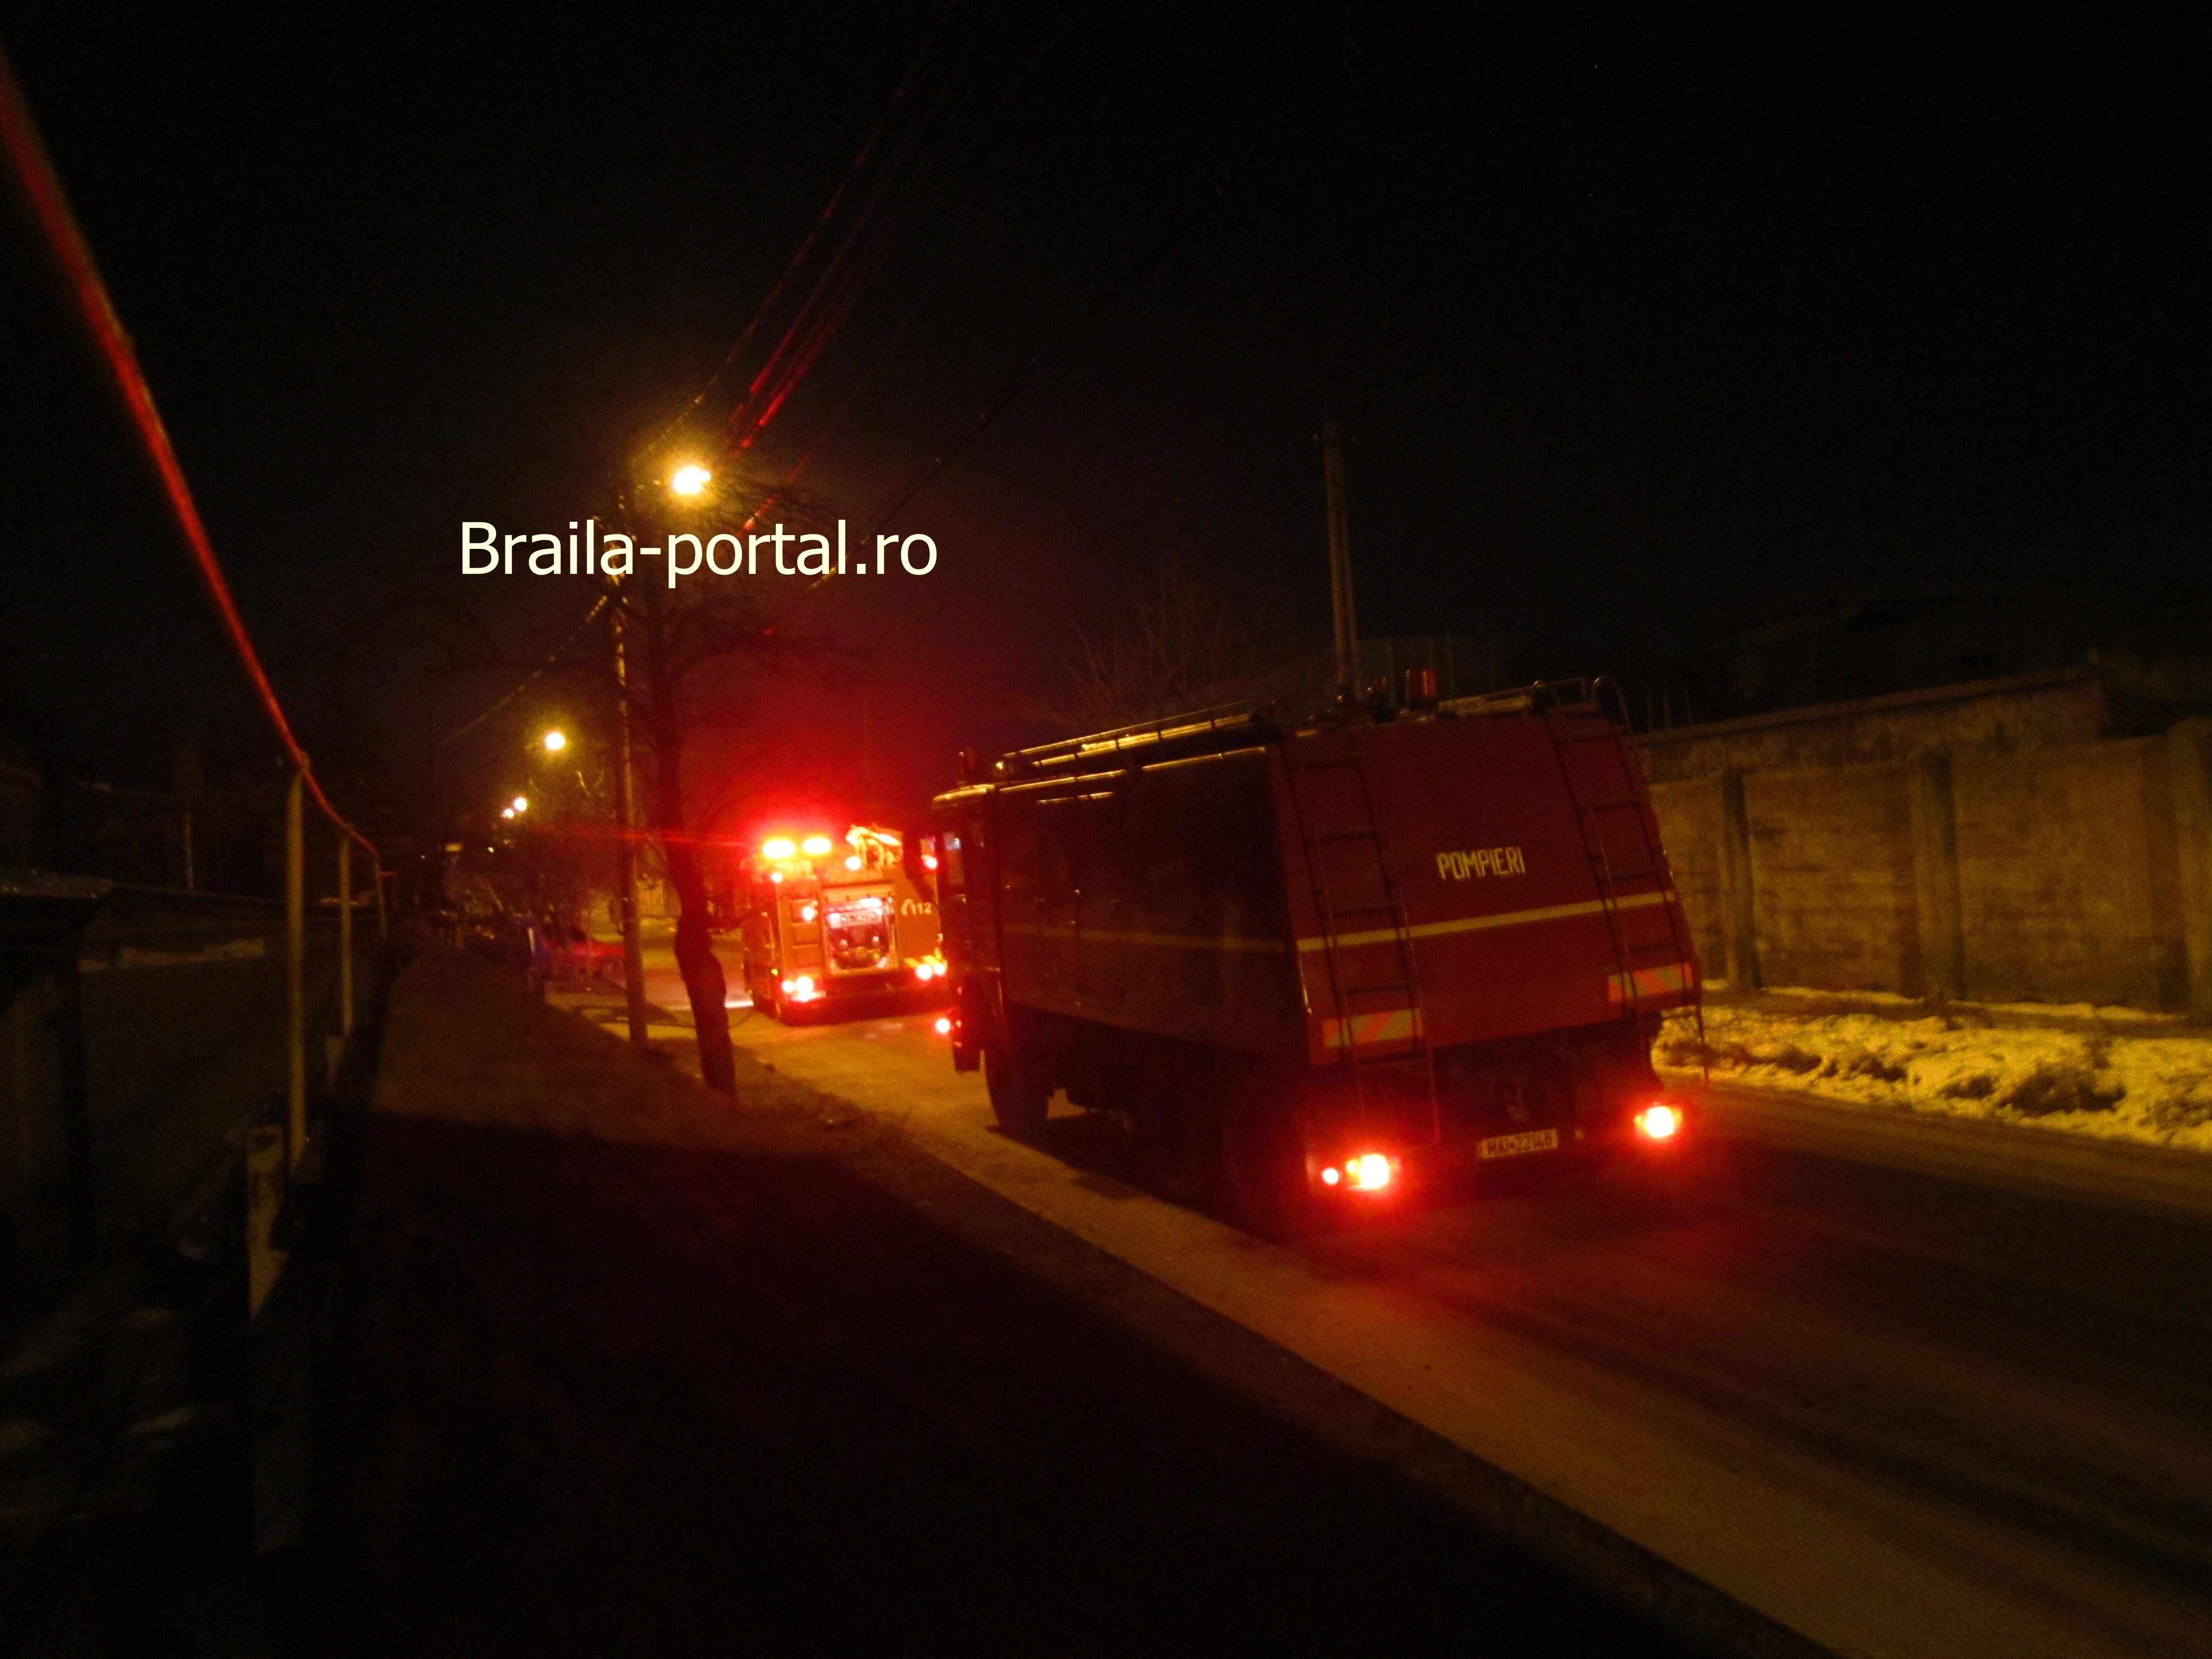 Incendiu în această seară în Brăila